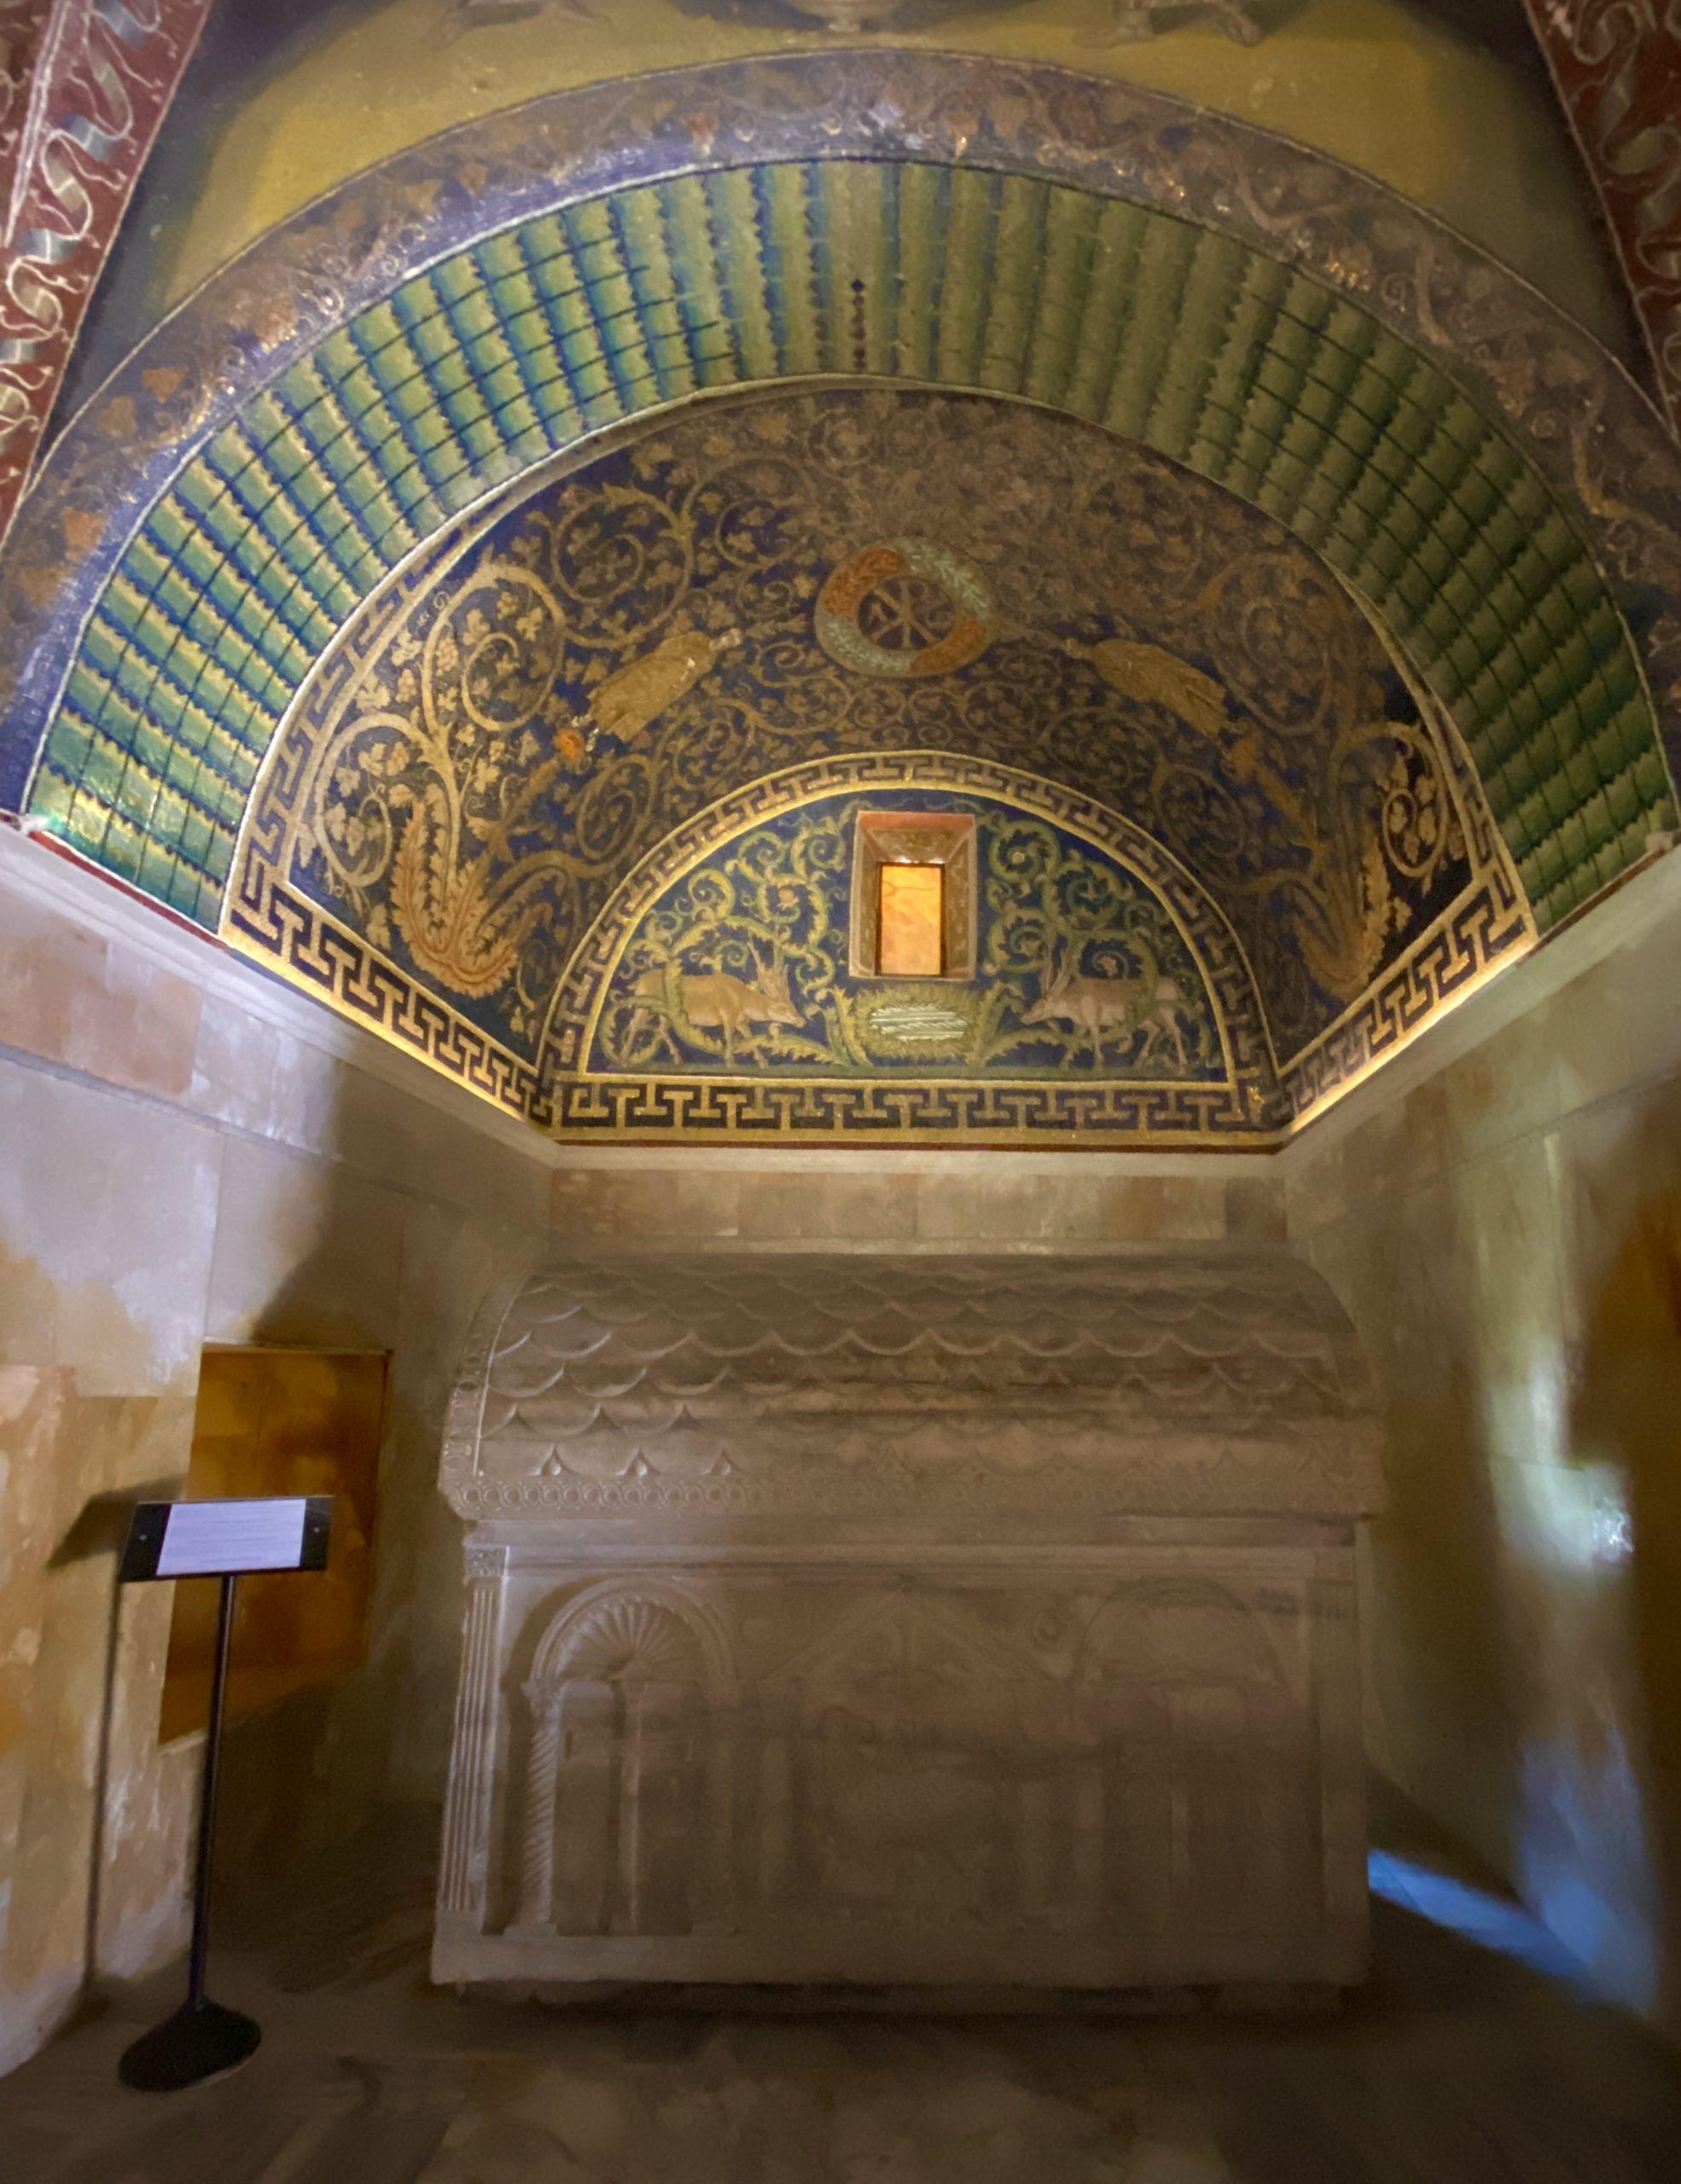 Ravenna, patrimonio unesco. mosaici bizantini, basilica di San Vitale, lunga via dei fiumi, viaggiatore lento.